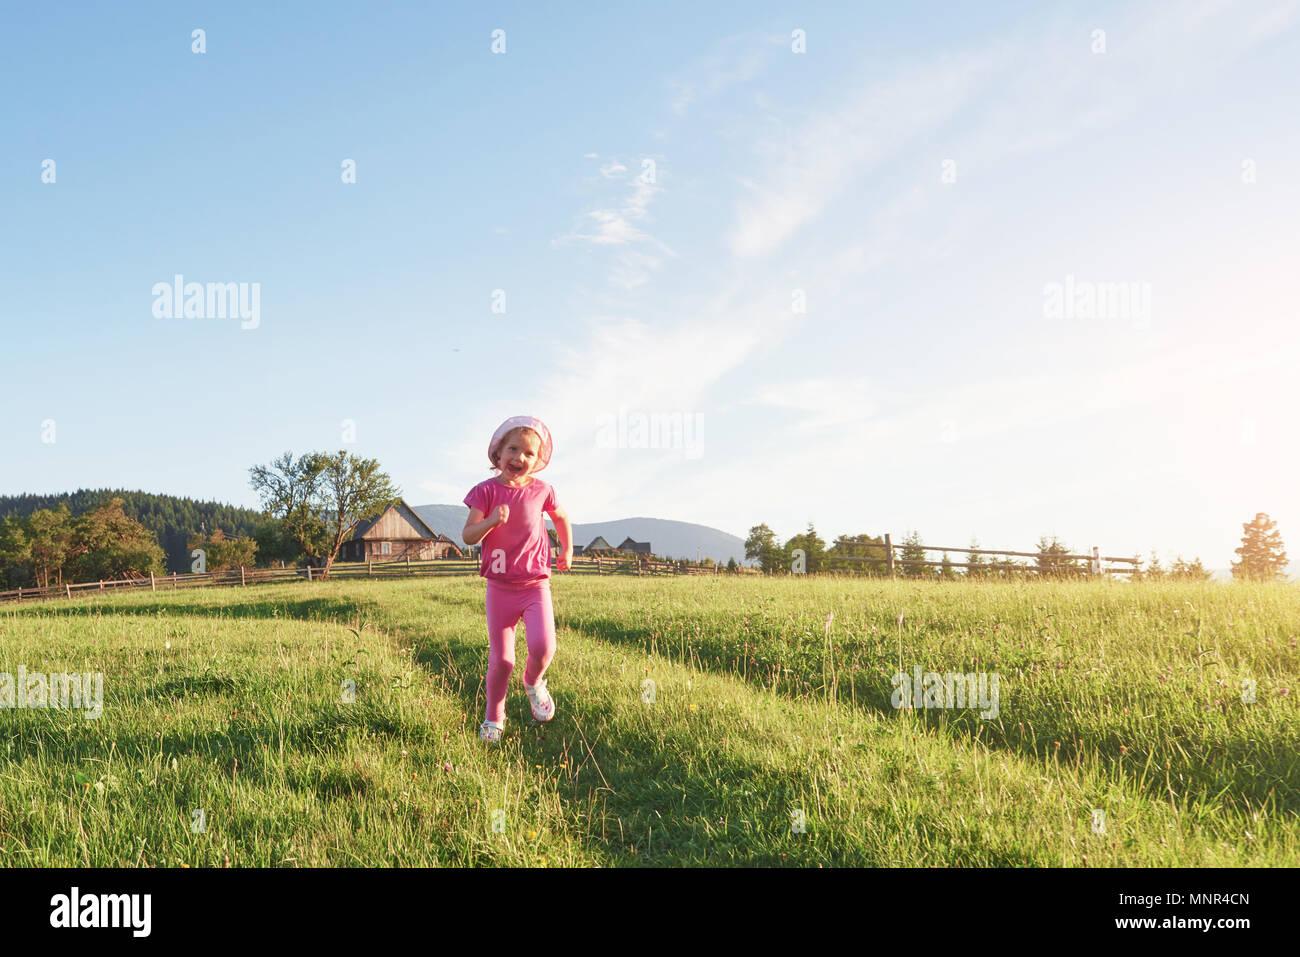 Happy Baby Mädchen spielen im Freien am frühen Morgen in den Rasen niedlich und bewundern Sie die Berge sehen. Kopieren Sie Platz für Ihren Text Stockbild